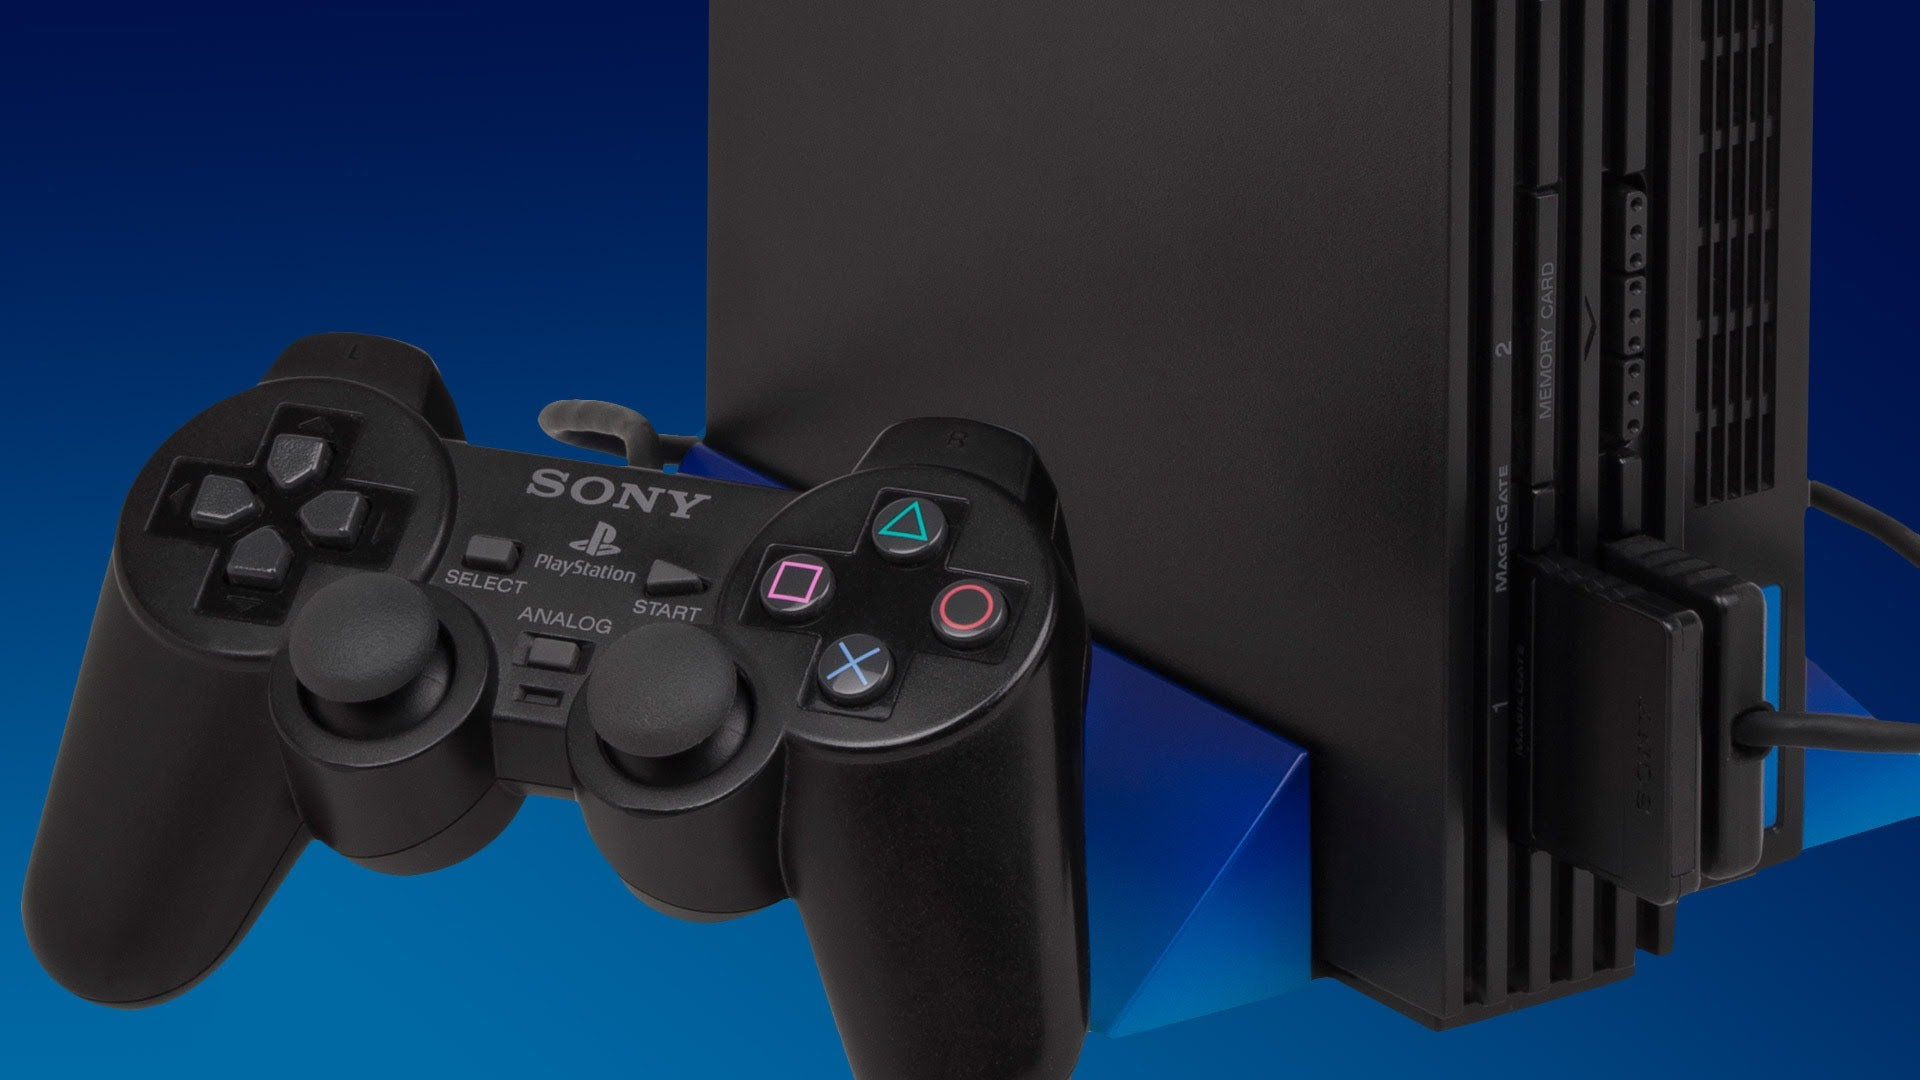 5 curiosidades que você provavelmente não conhecia sobre o PlayStation 2 4d6b5c2960